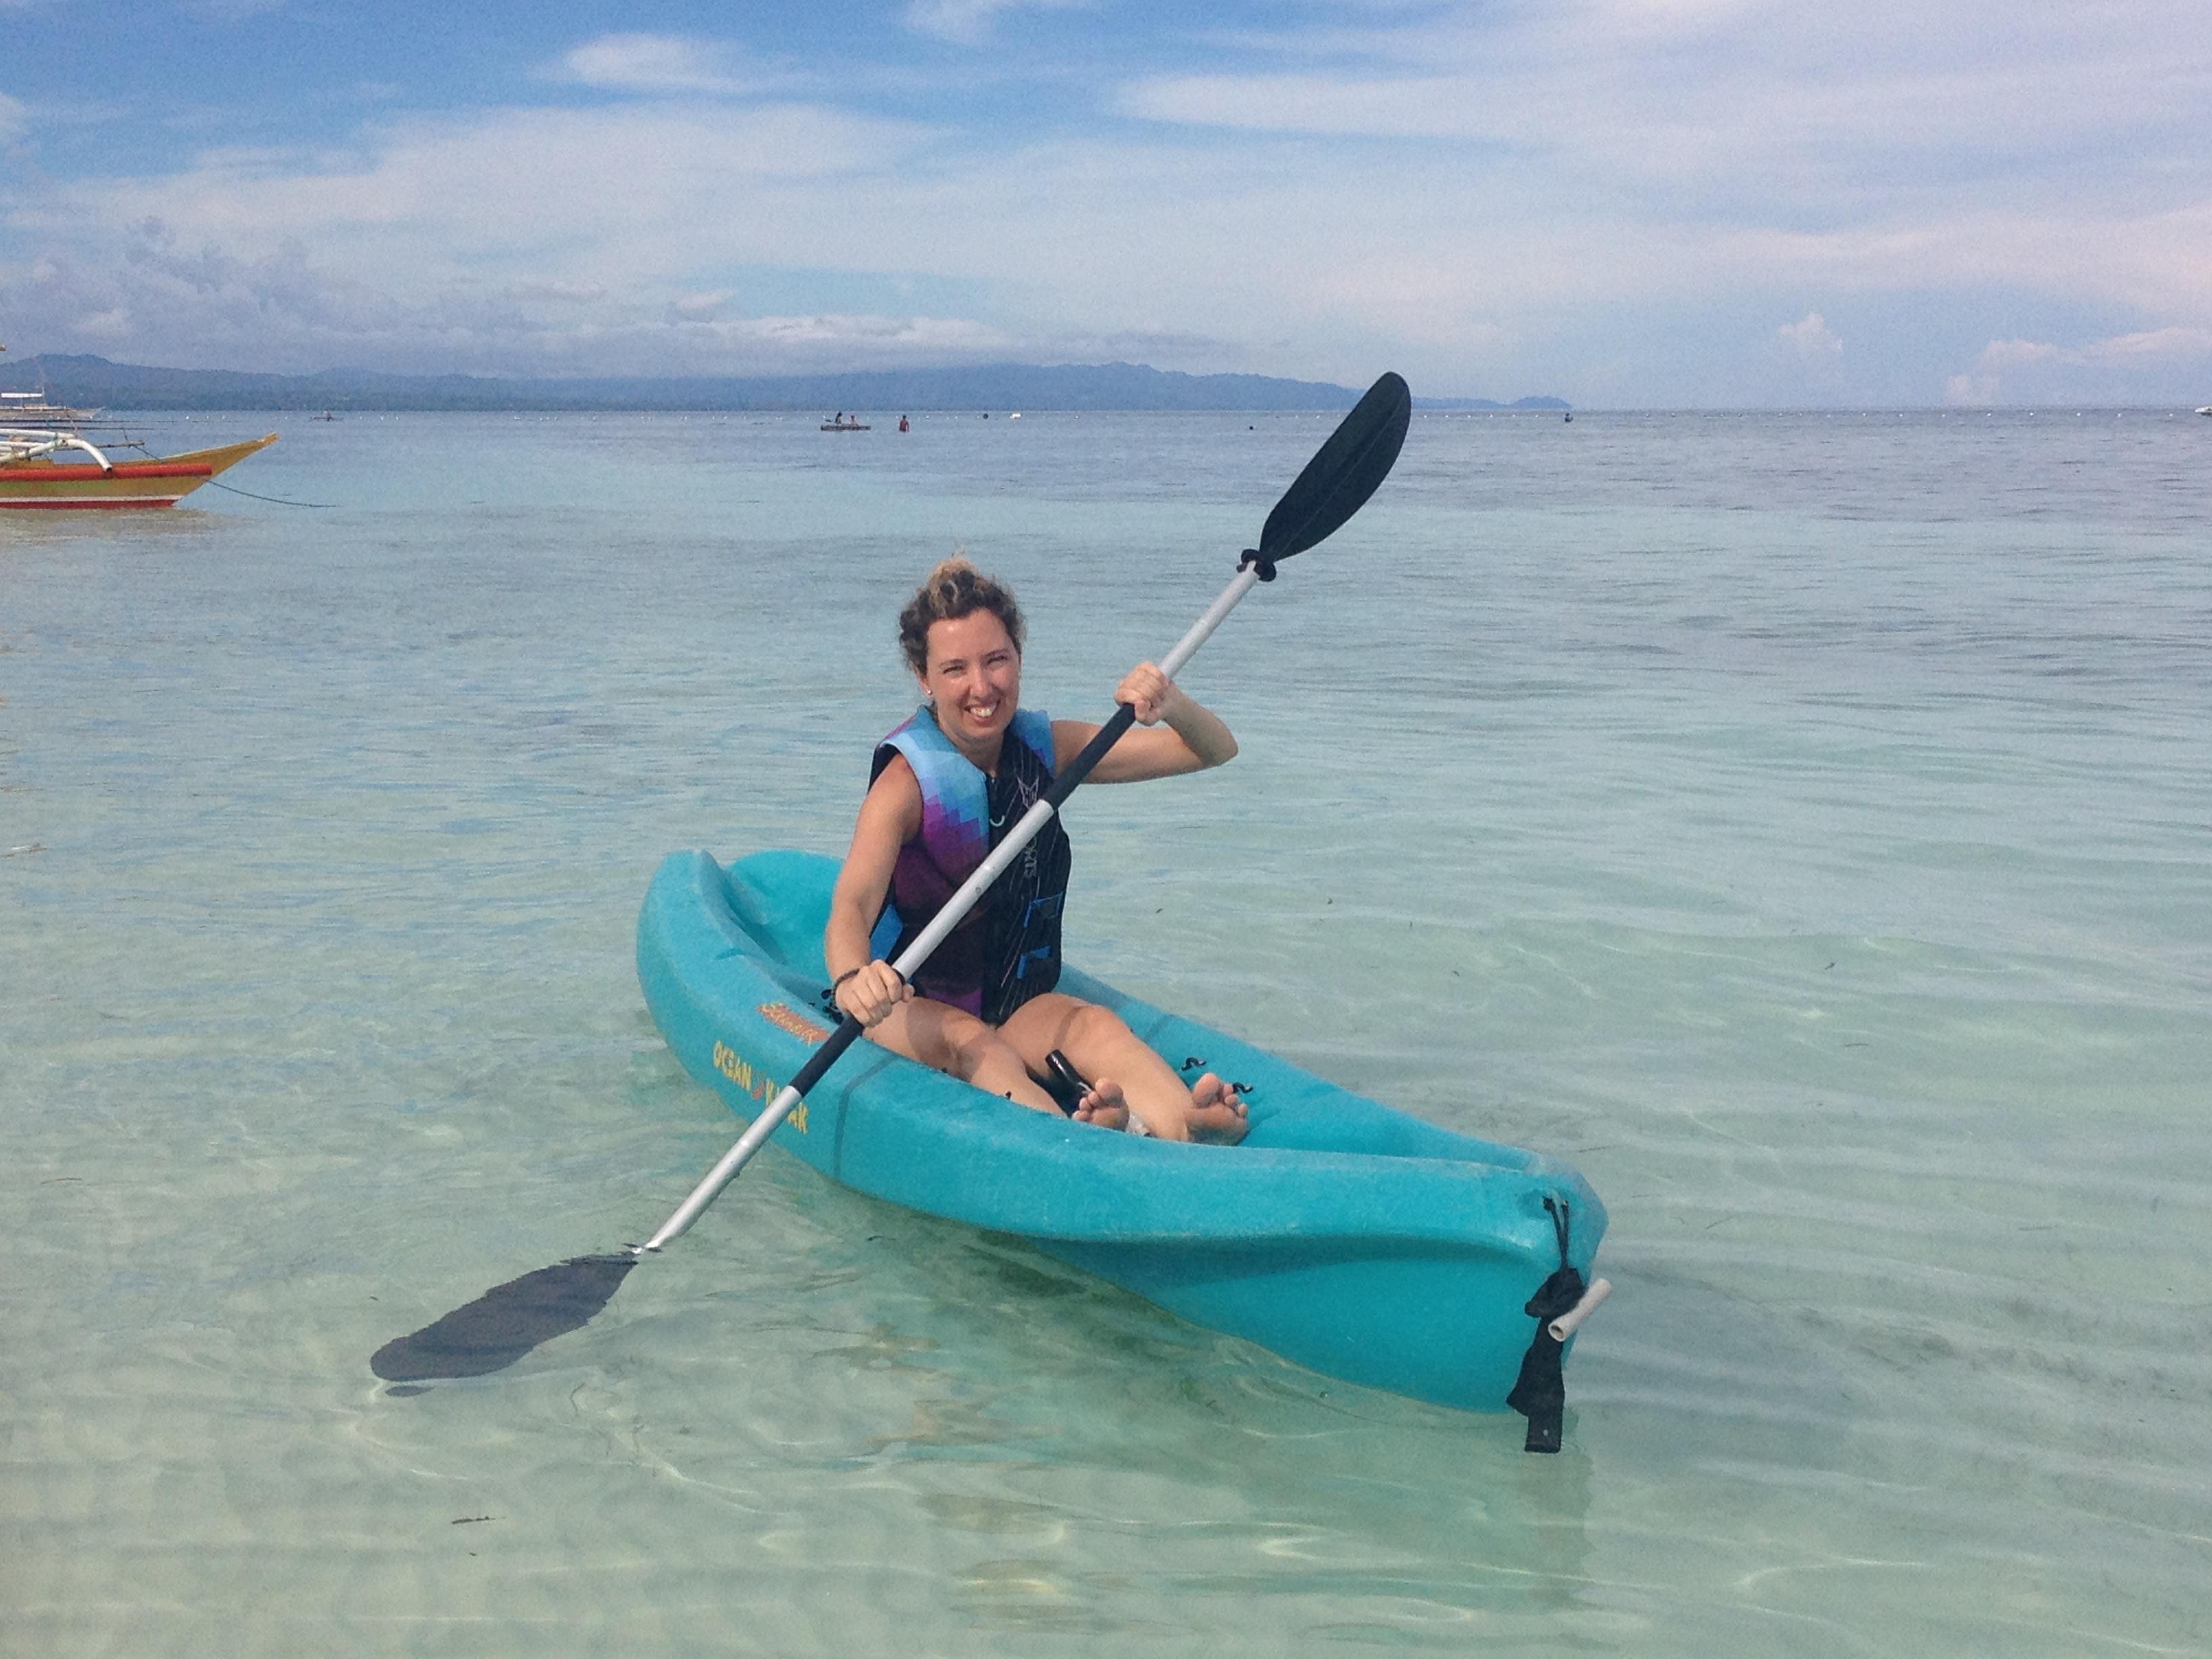 Kayak, Panglao @oltreilbalcone